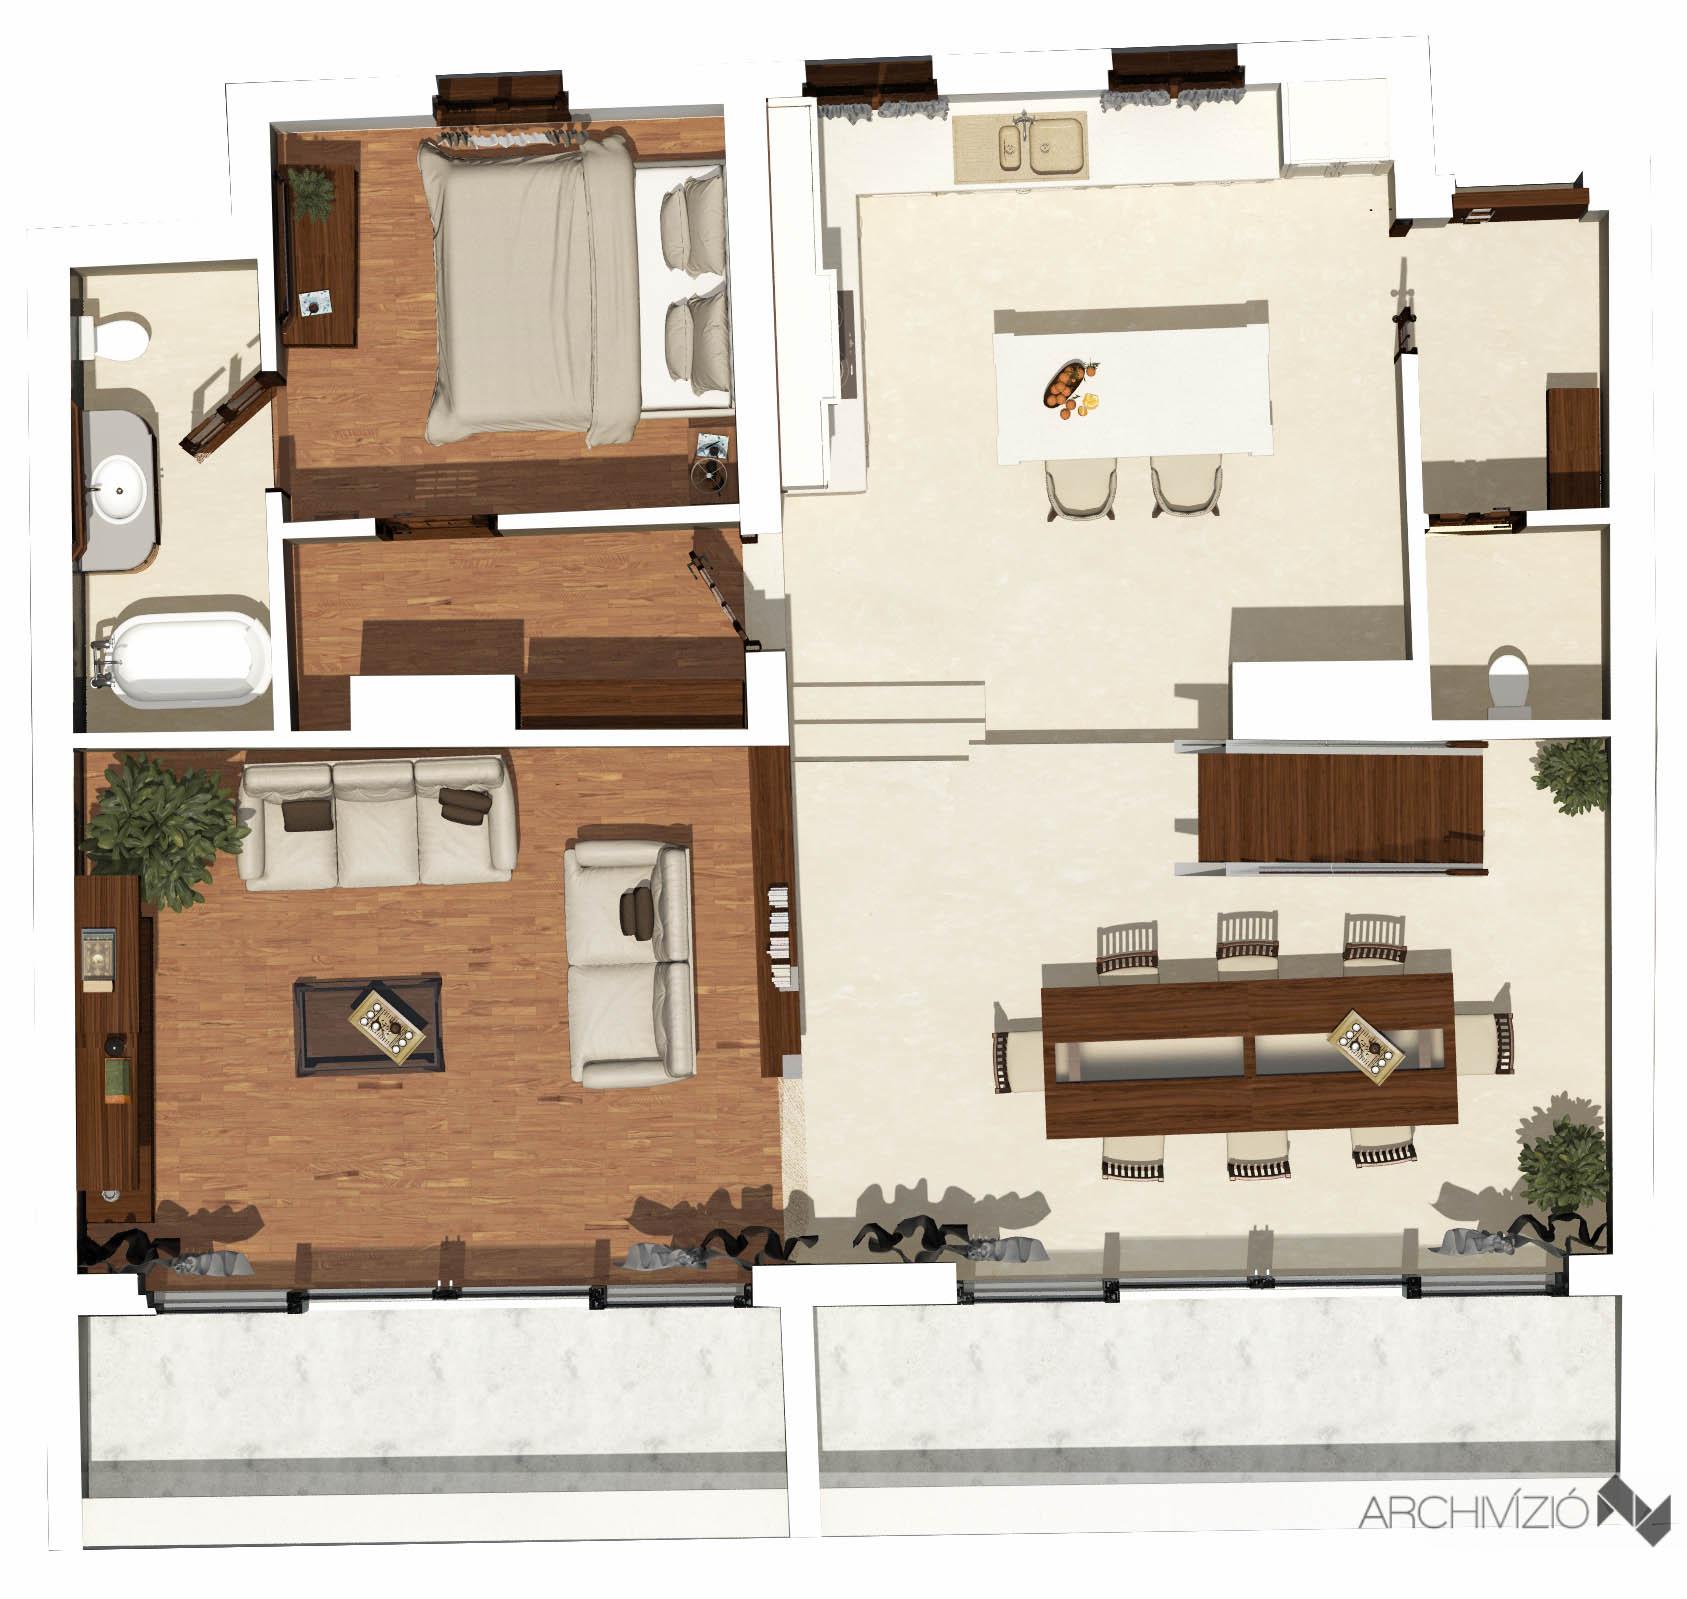 3. lakás - földszint